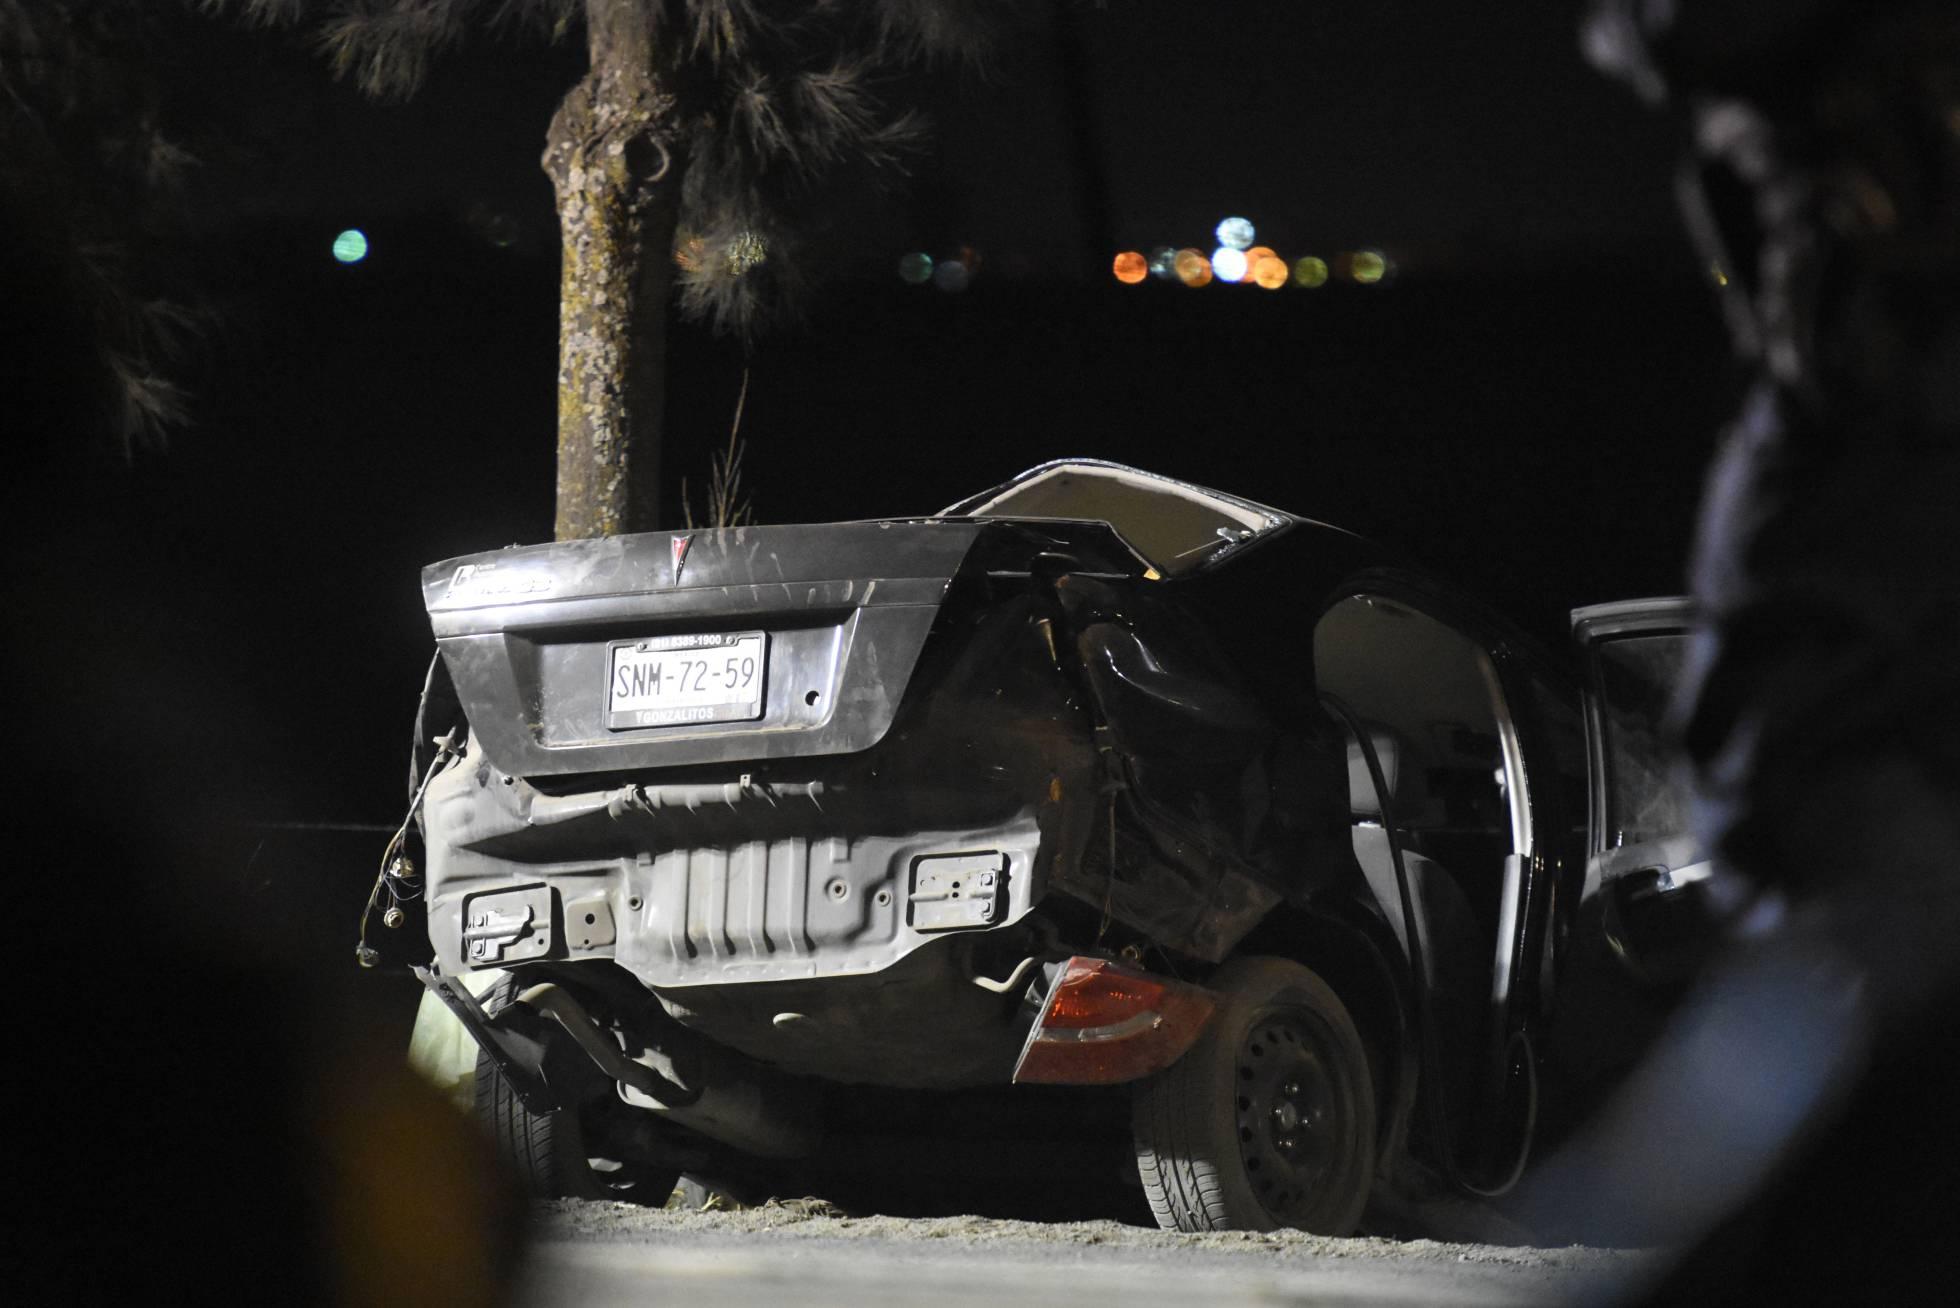 niño 12 años tláhuac choque coche